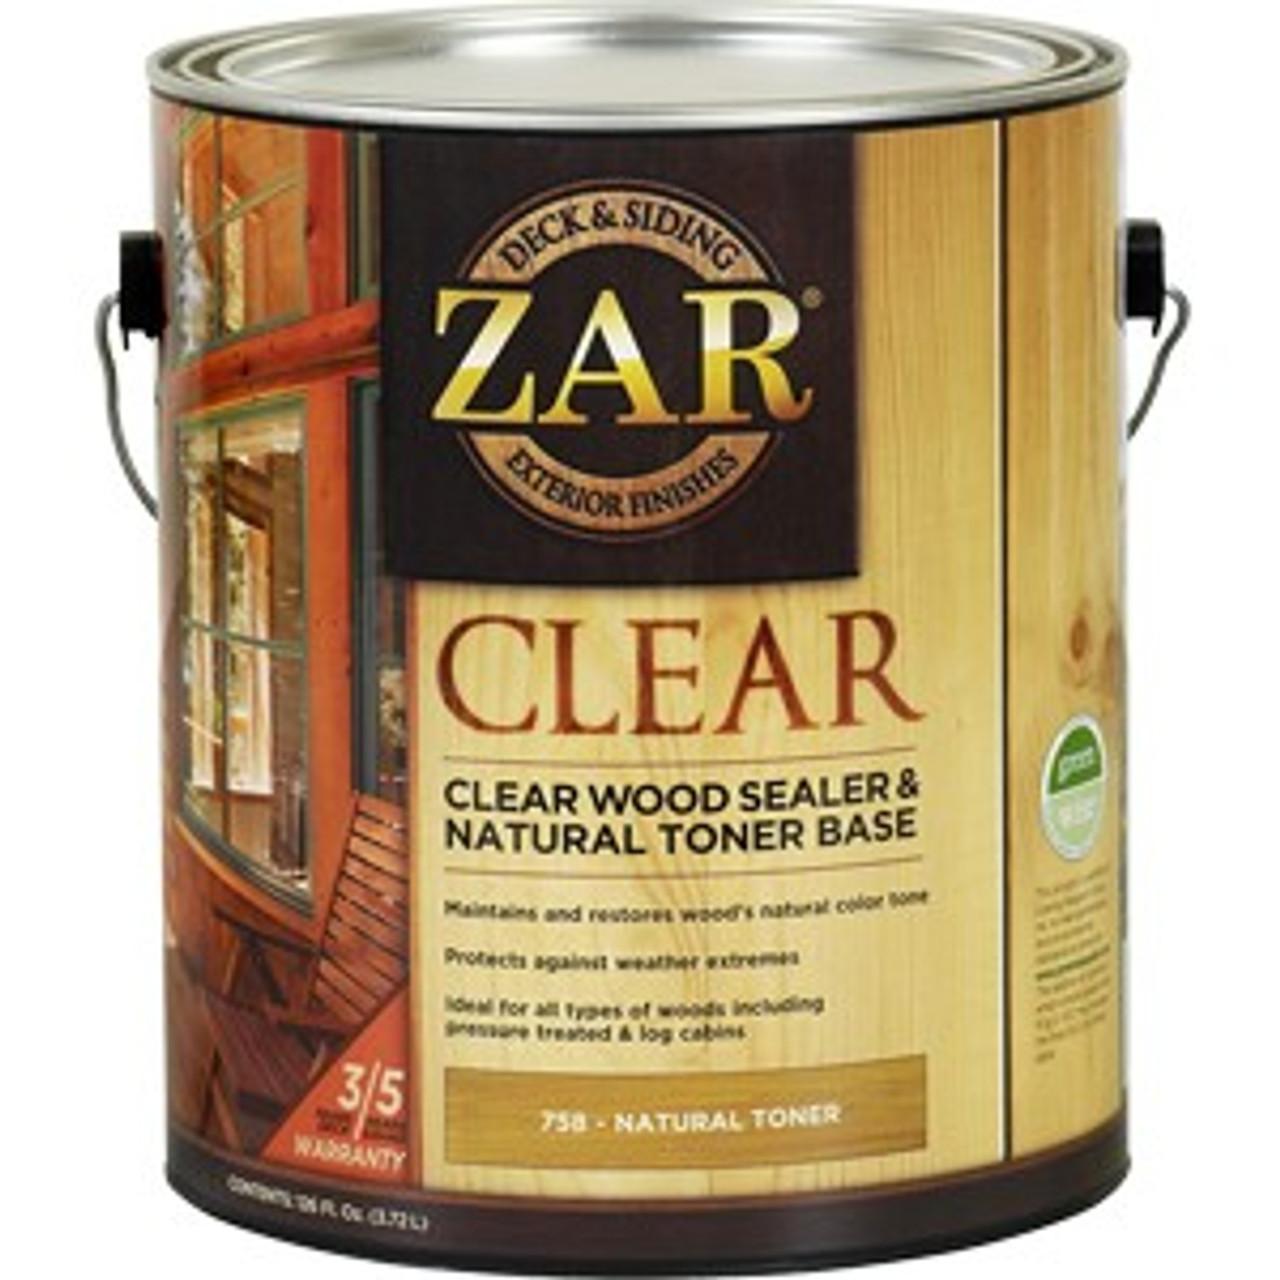 Zar 75813 1G Clear Wood Sealer & Natural Toner Base